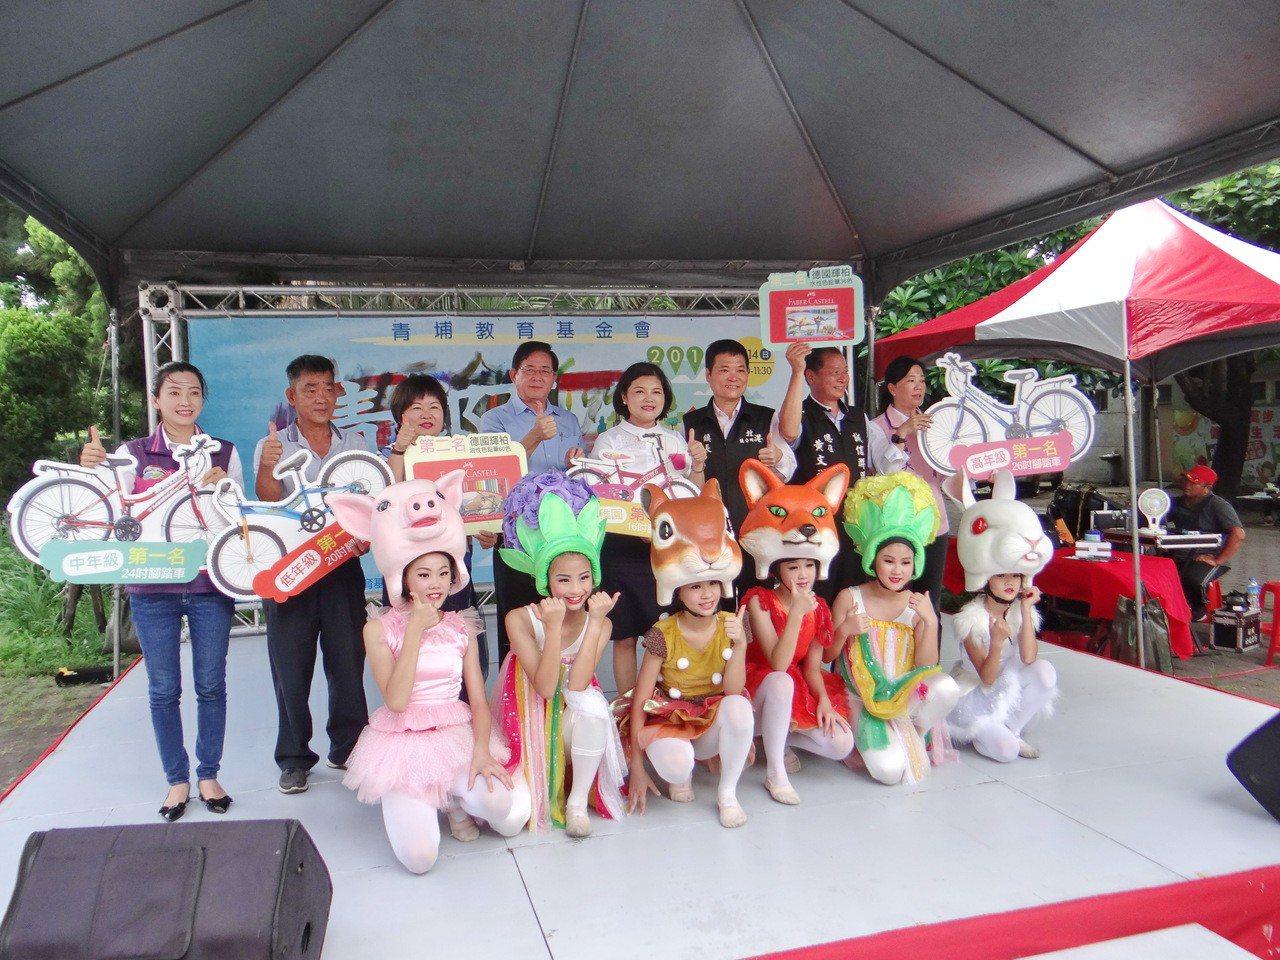 第一屆青郡盃兒童畫賽今天開賽,雲林縣長張麗善為畫賽揭幕。記者蔡維斌/攝影